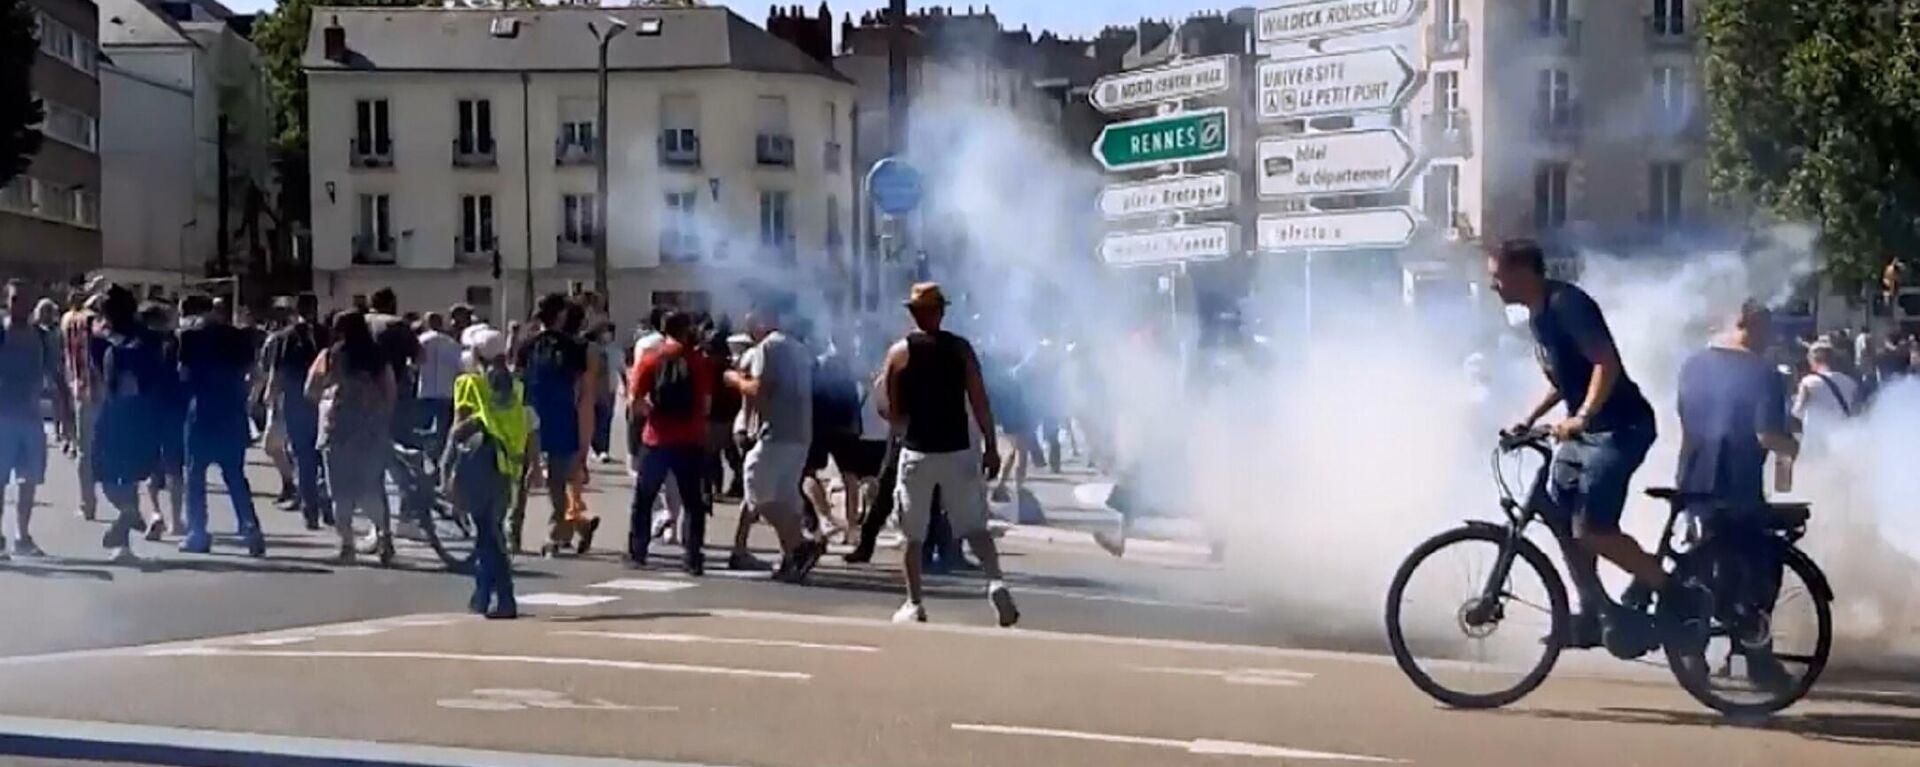 Francia: polizia usa gas lacrimogeni per disperdere la manifestazione contro obbligo vaccinale - Sputnik Italia, 1920, 18.07.2021